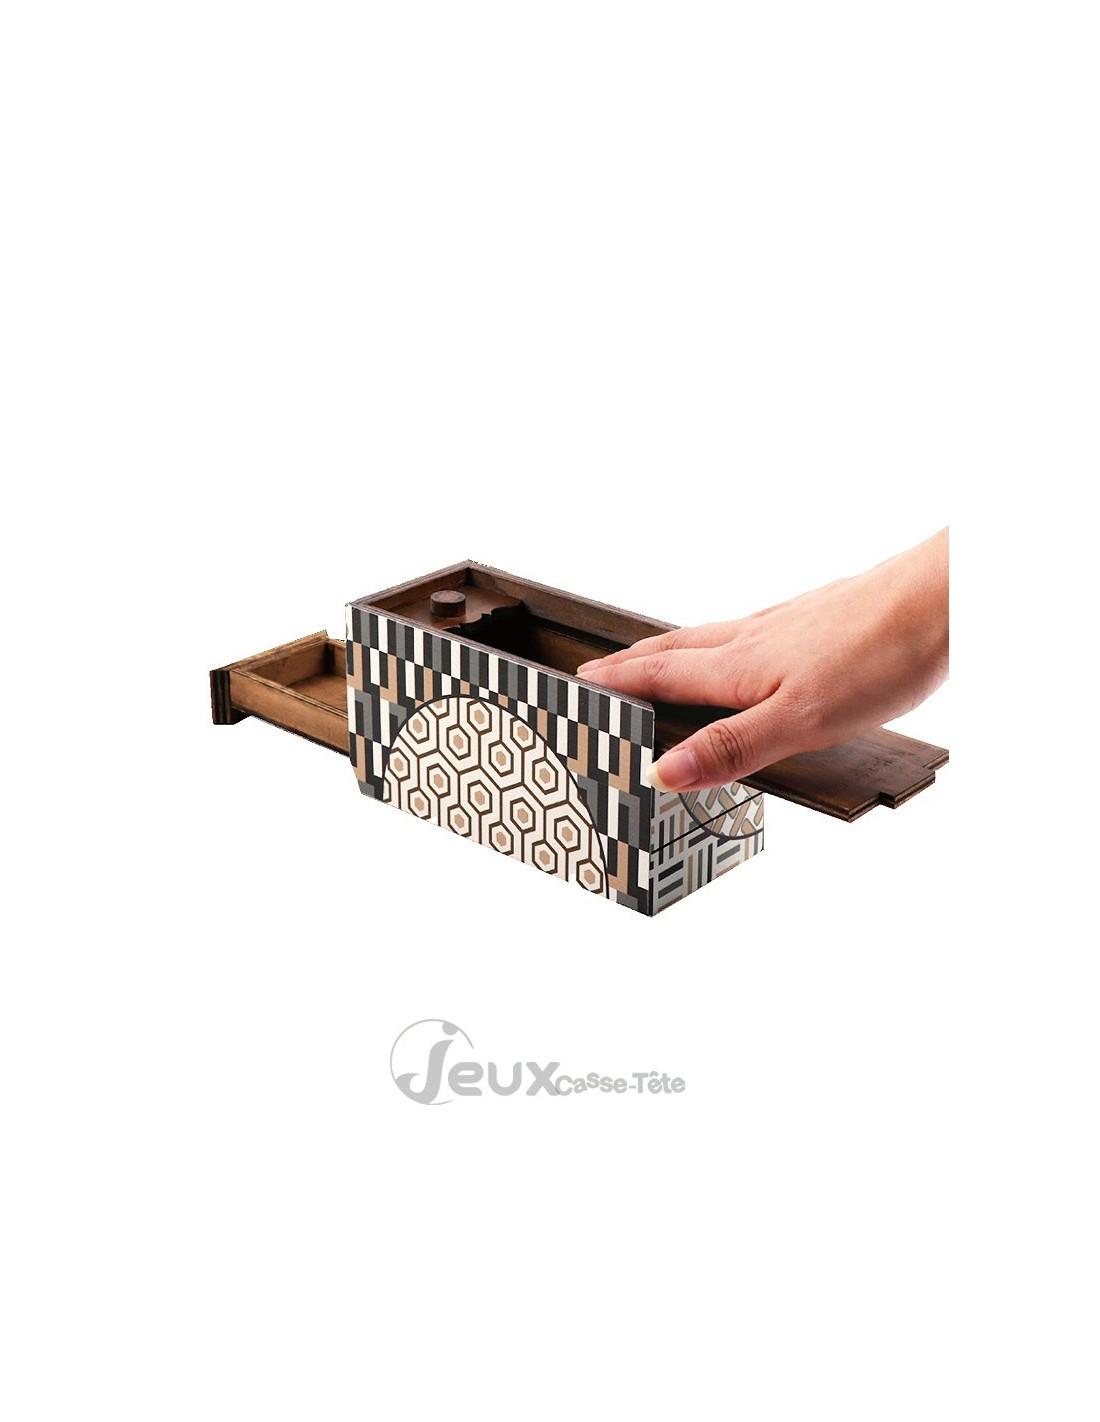 secret japonaise secret box casse